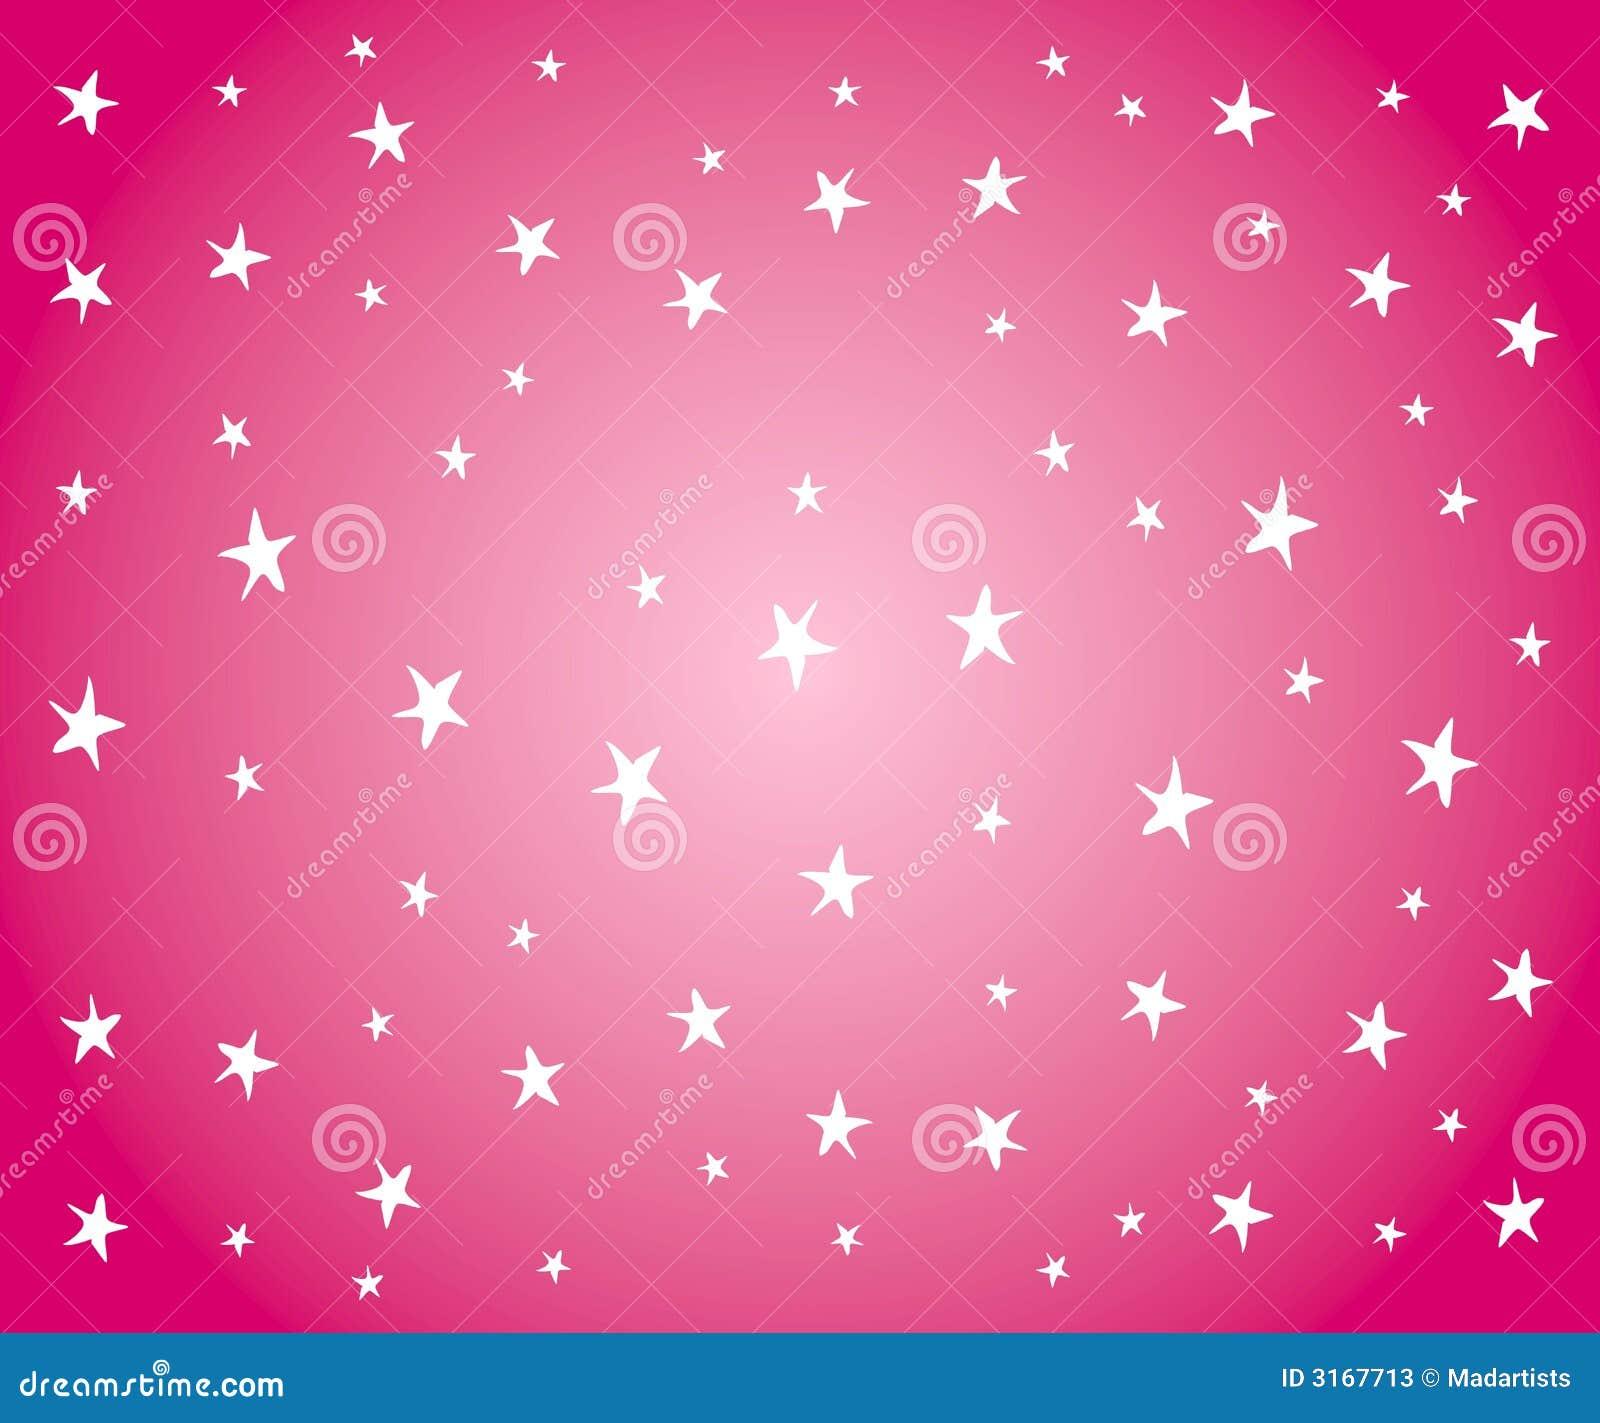 ... achtergrondpatroon van witte sterren op gradiënt roze achtergrond